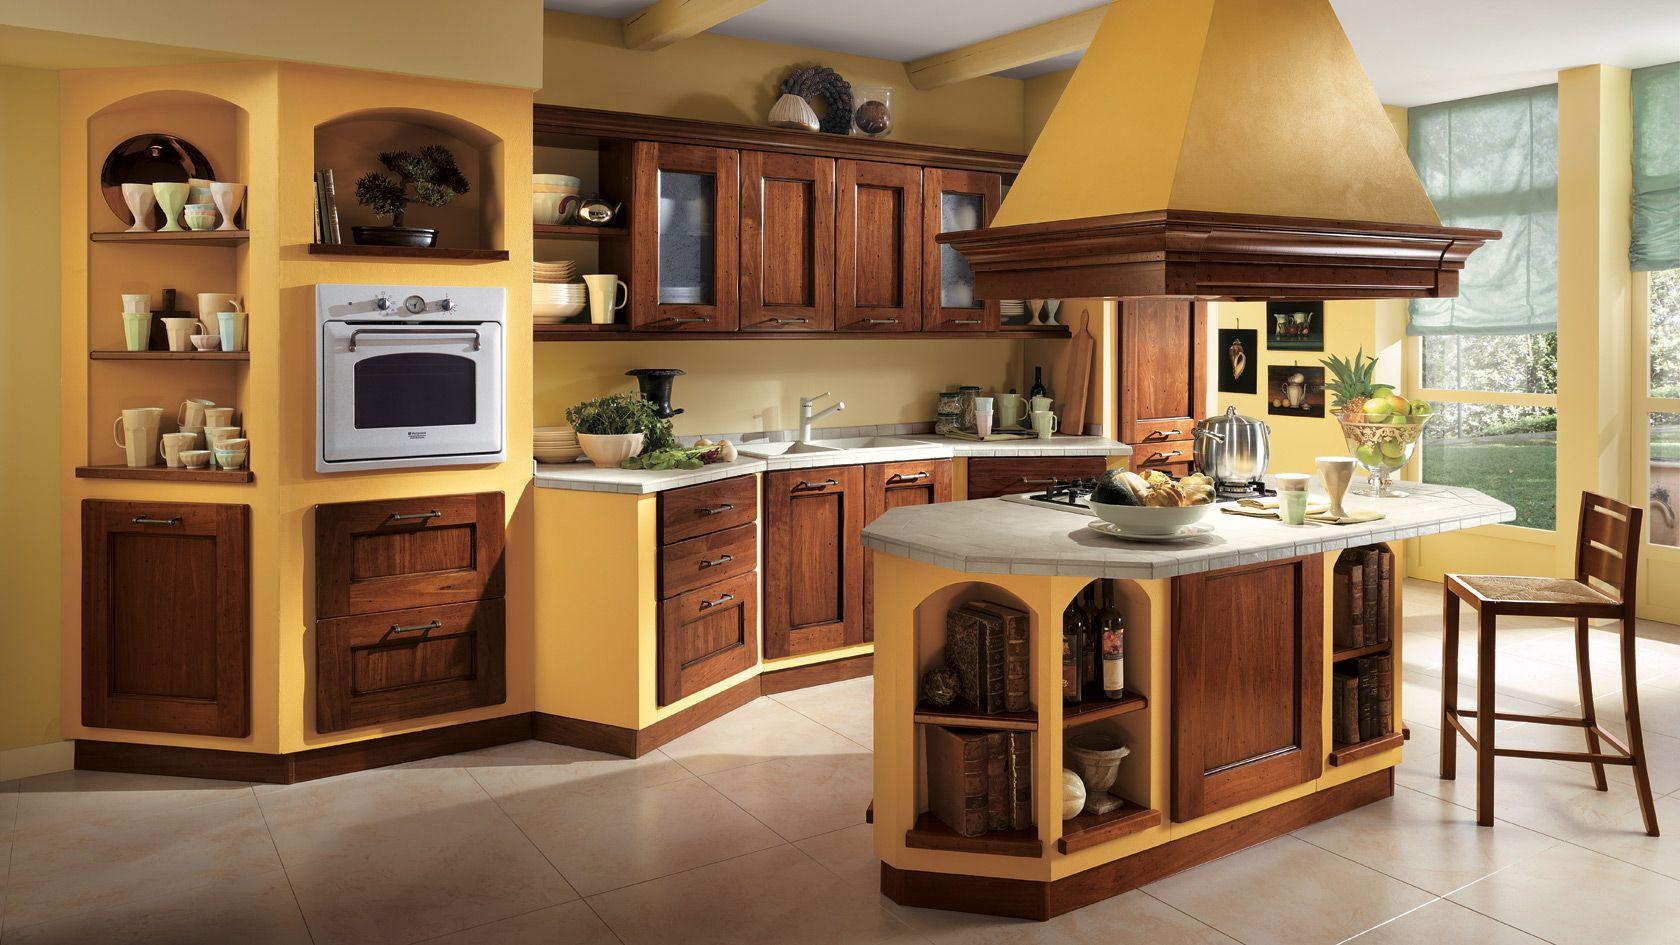 scavolini cucine in muratura - Cerca con Google | DreamHome ...